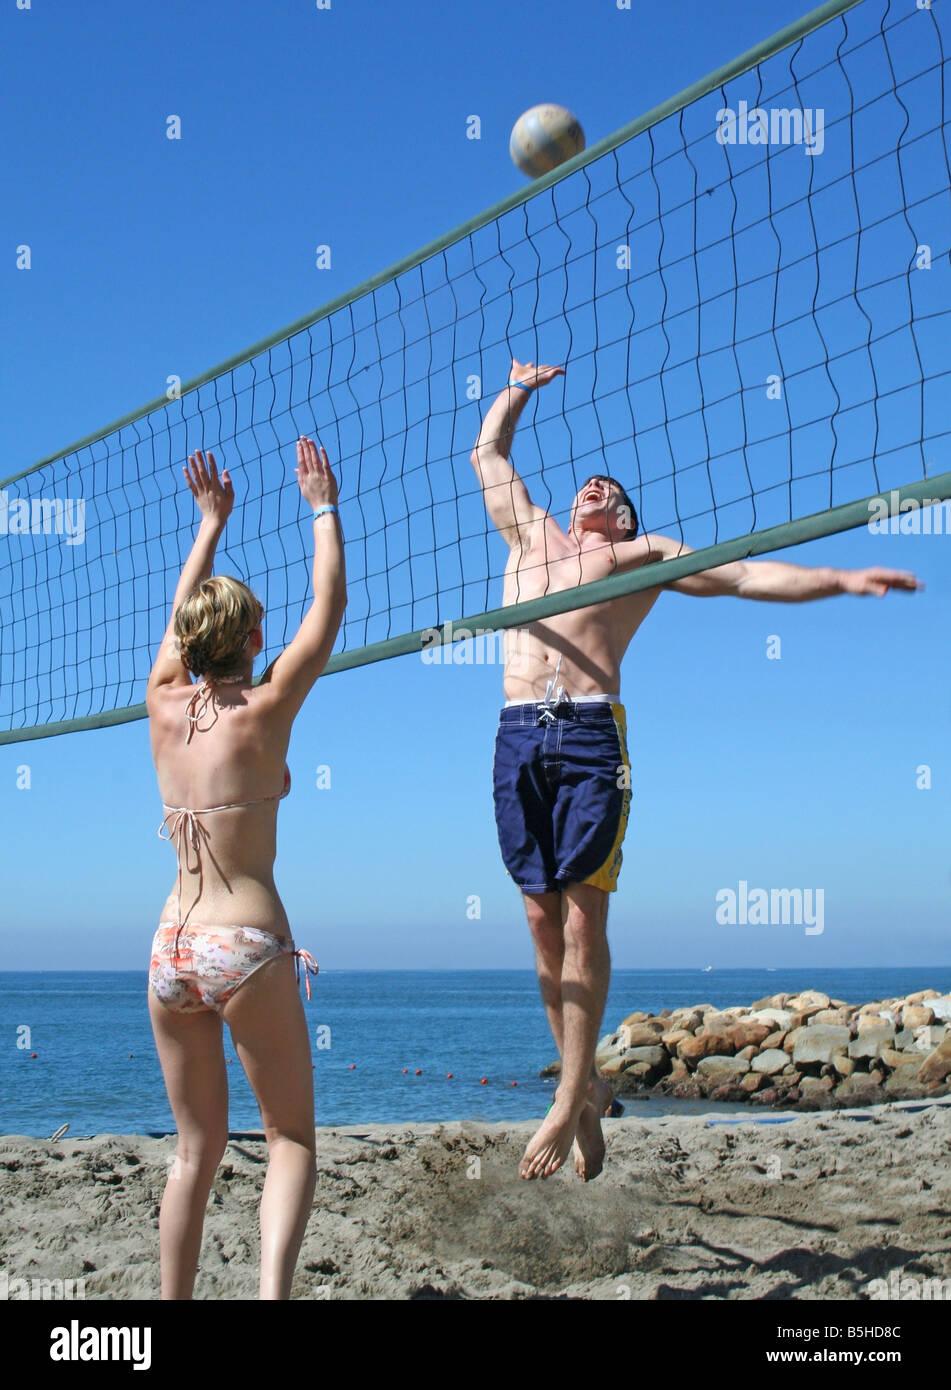 Volleyball Spielen Stockfotos Volleyball Spielen Bilder Alamy